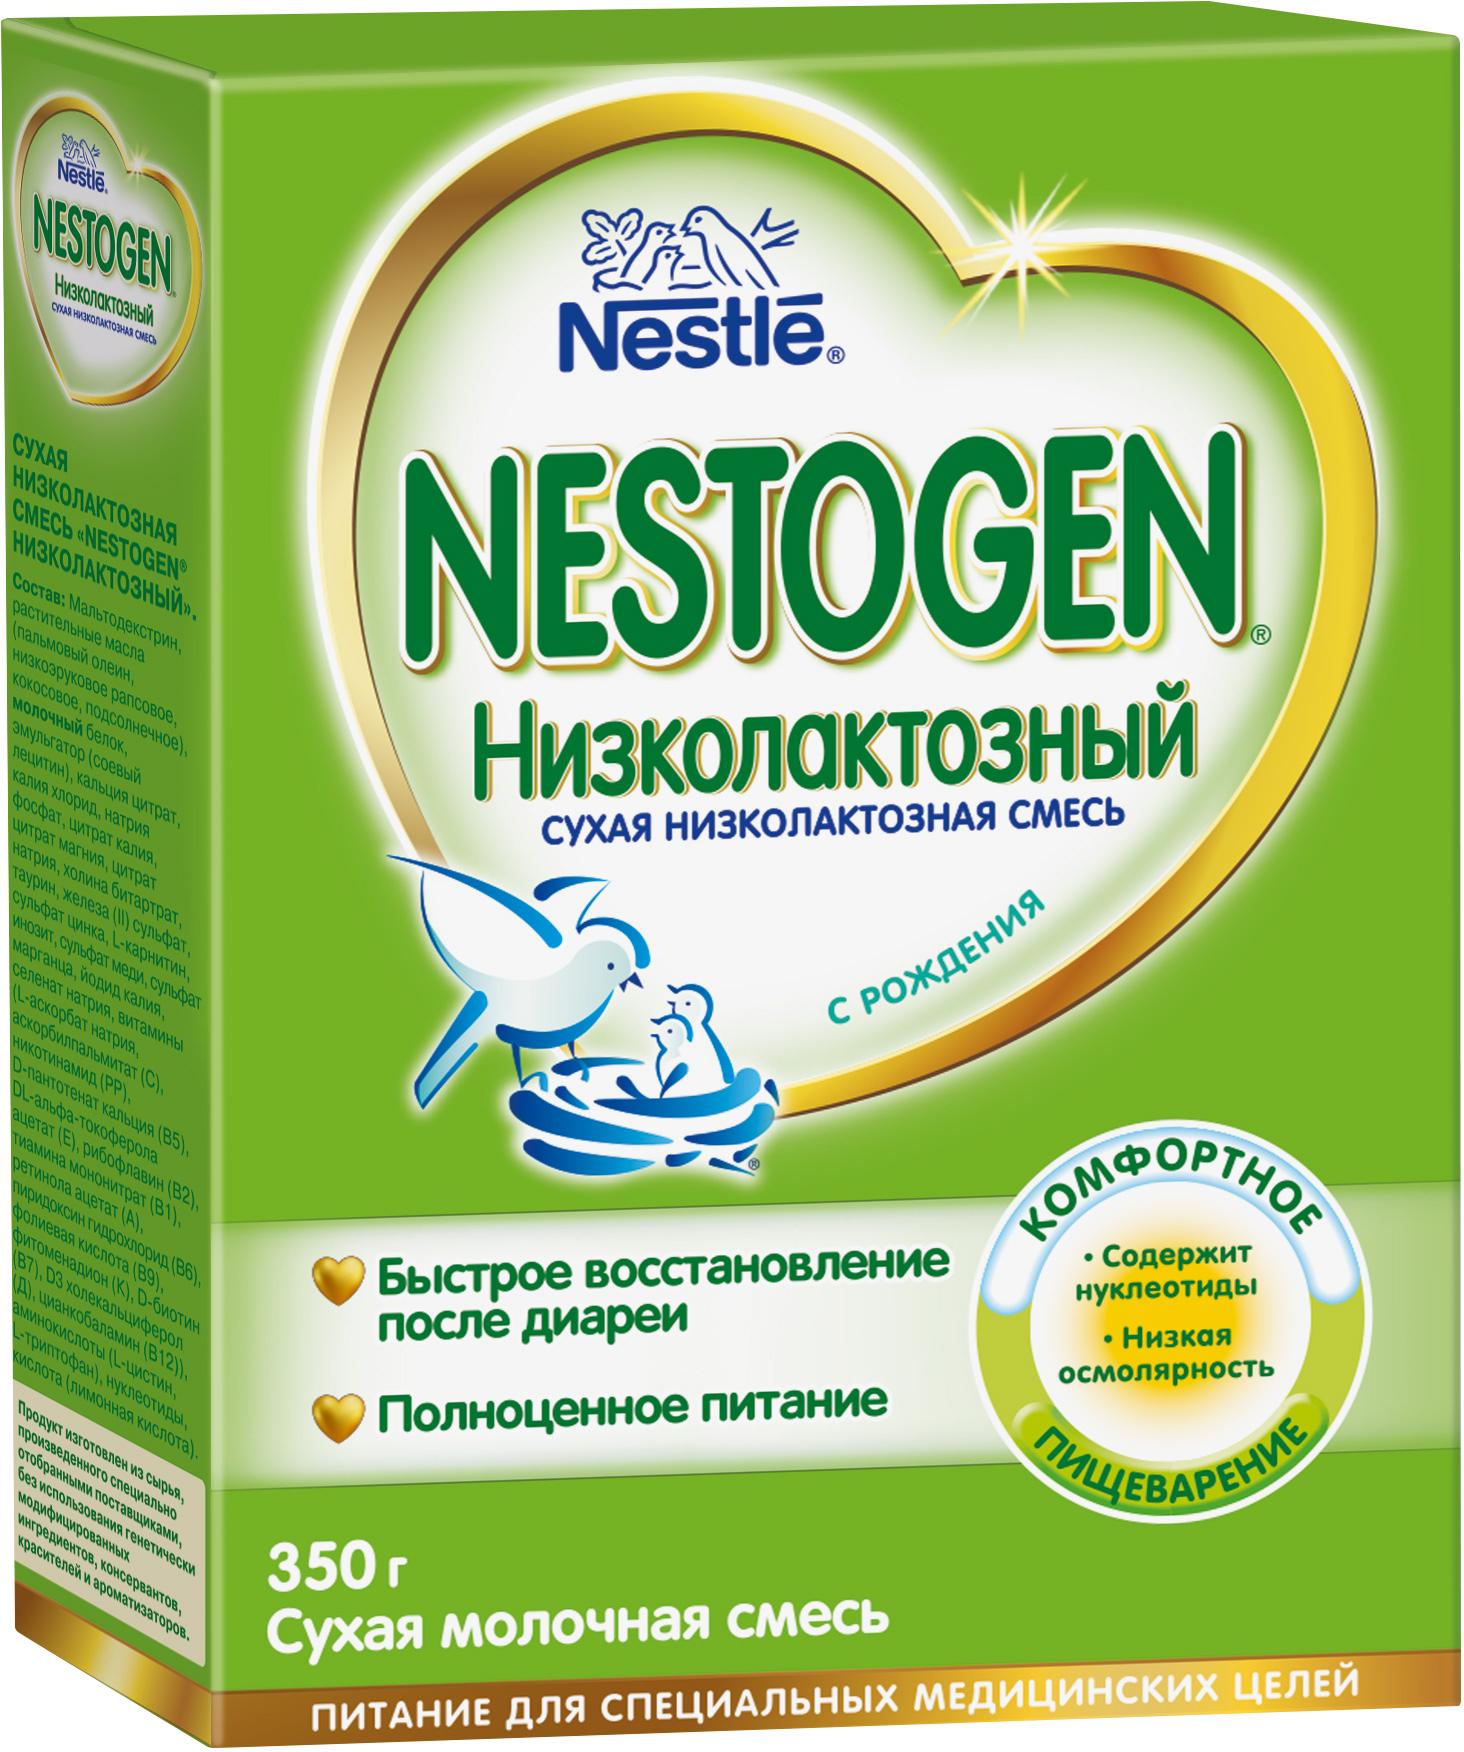 цены Молочная смесь Nestle Nestogen (Nestlé) Низколактозный (с рождения) 350 г